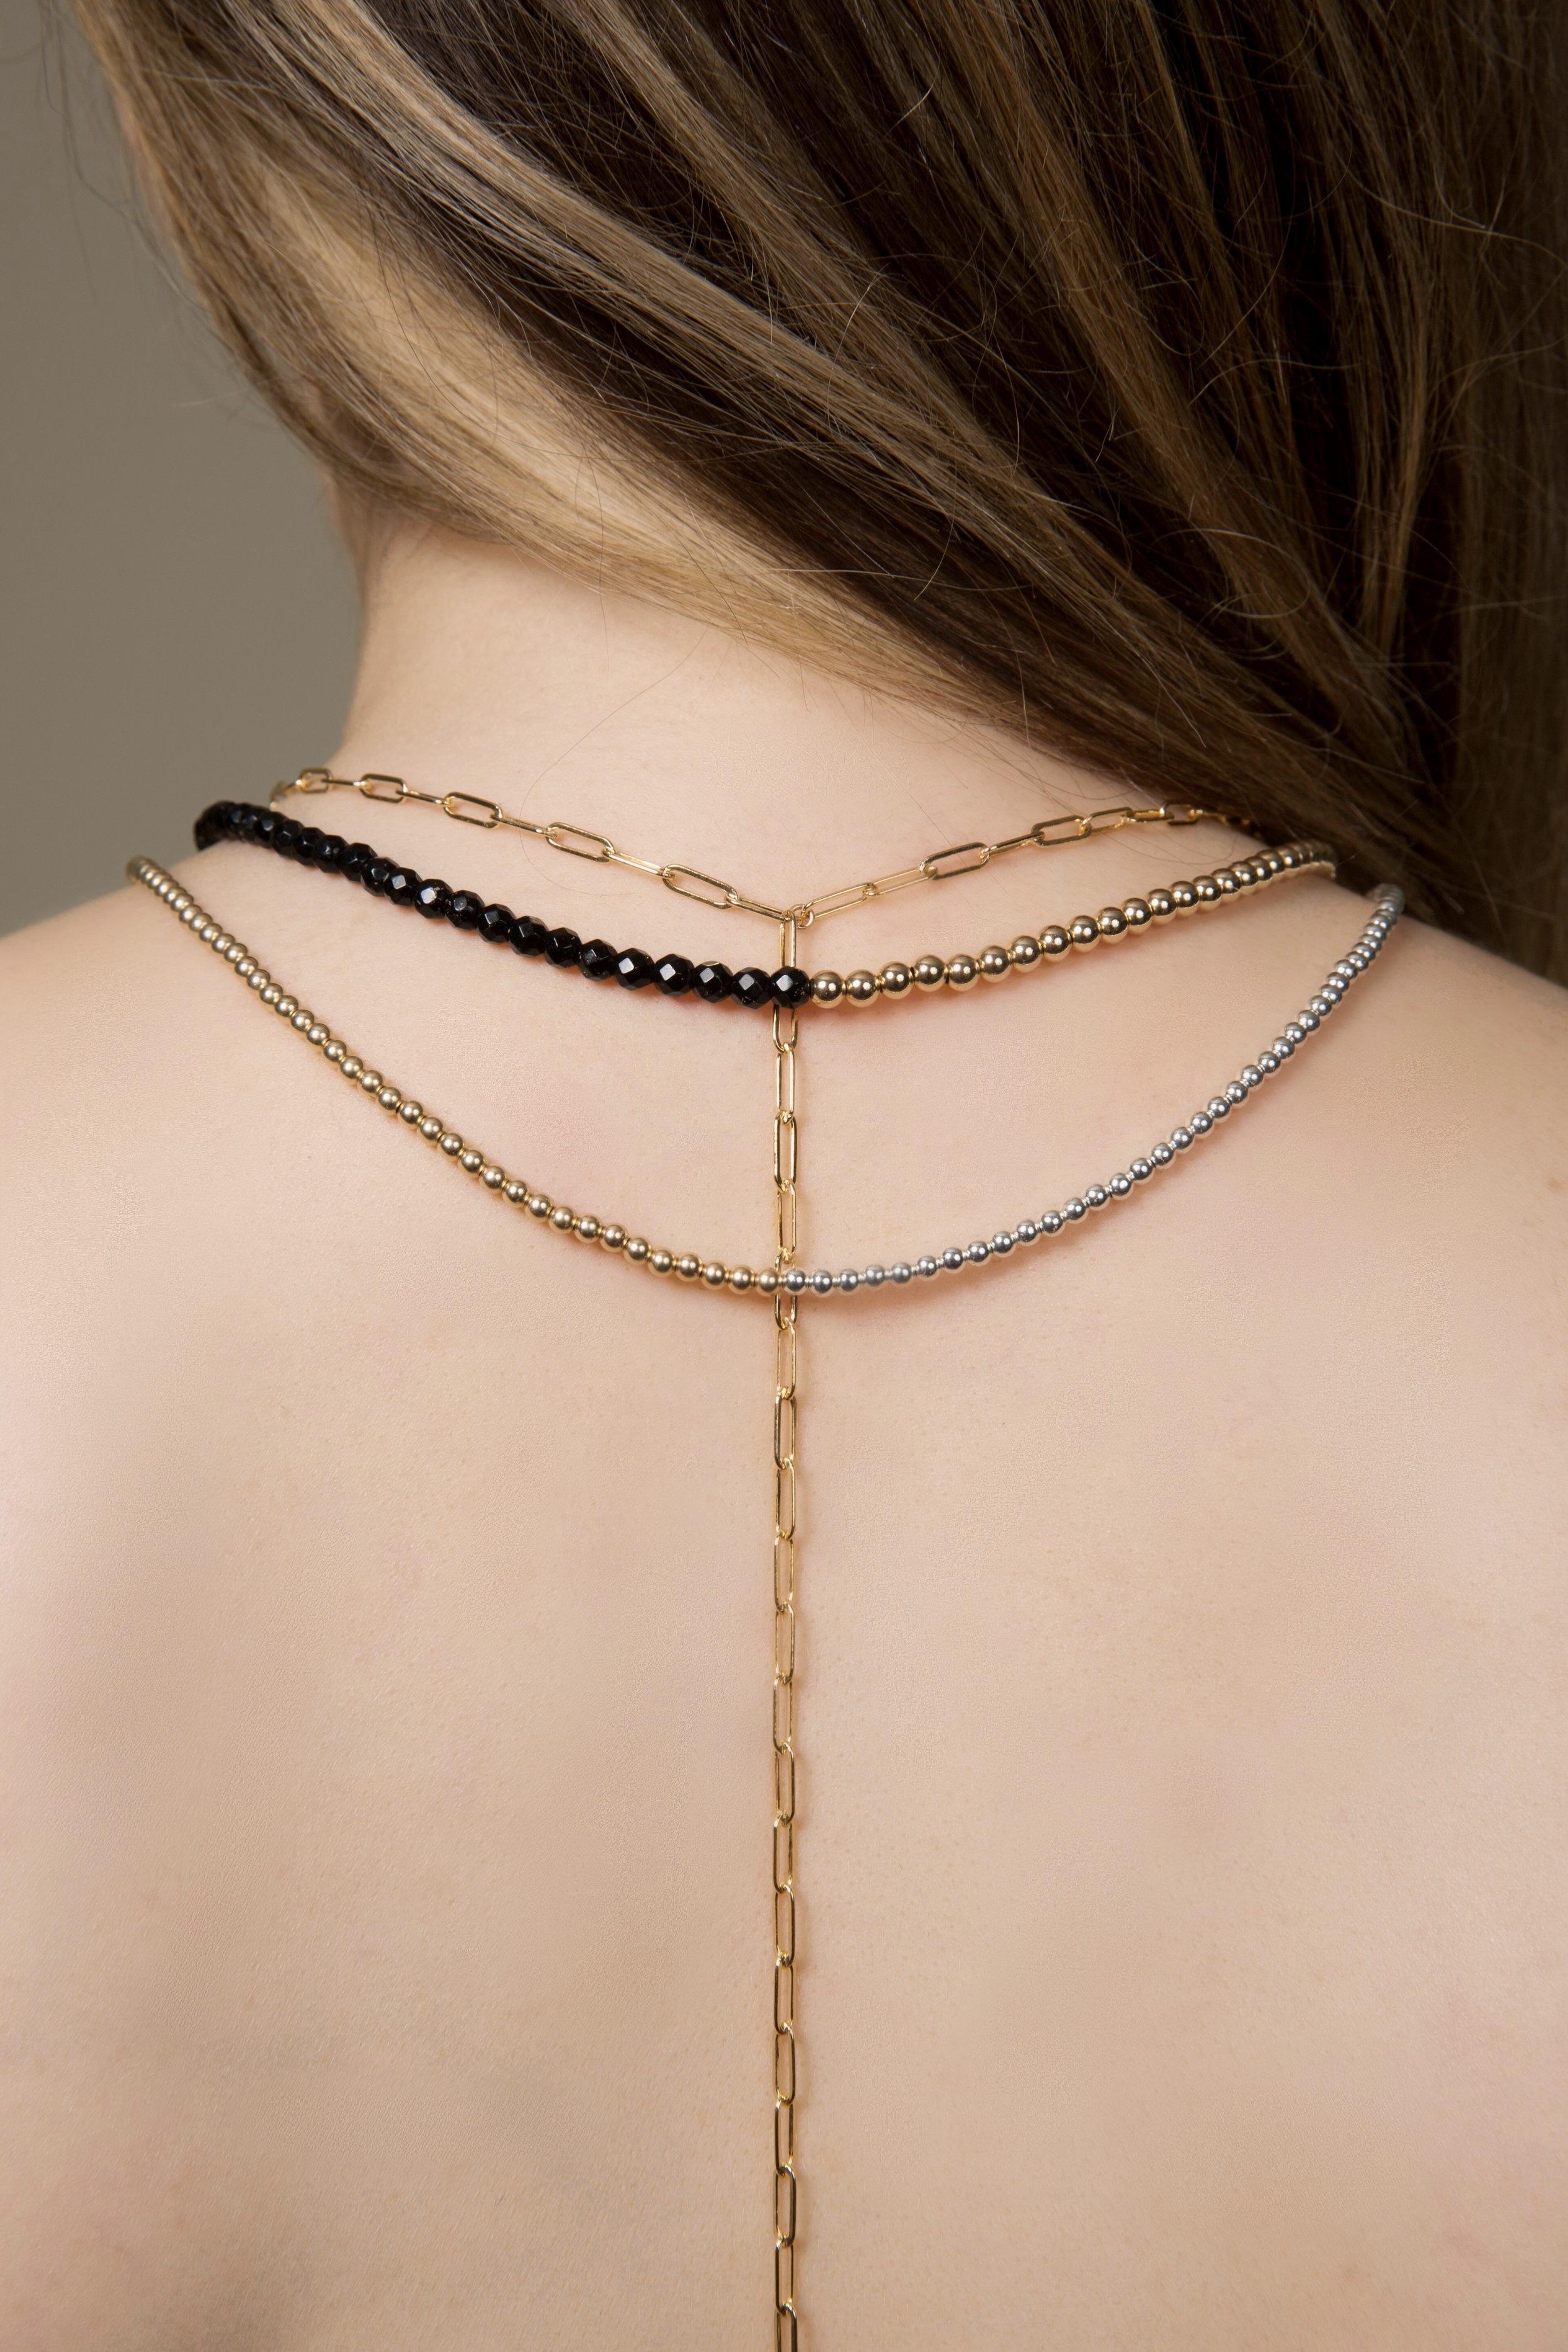 - necklaces